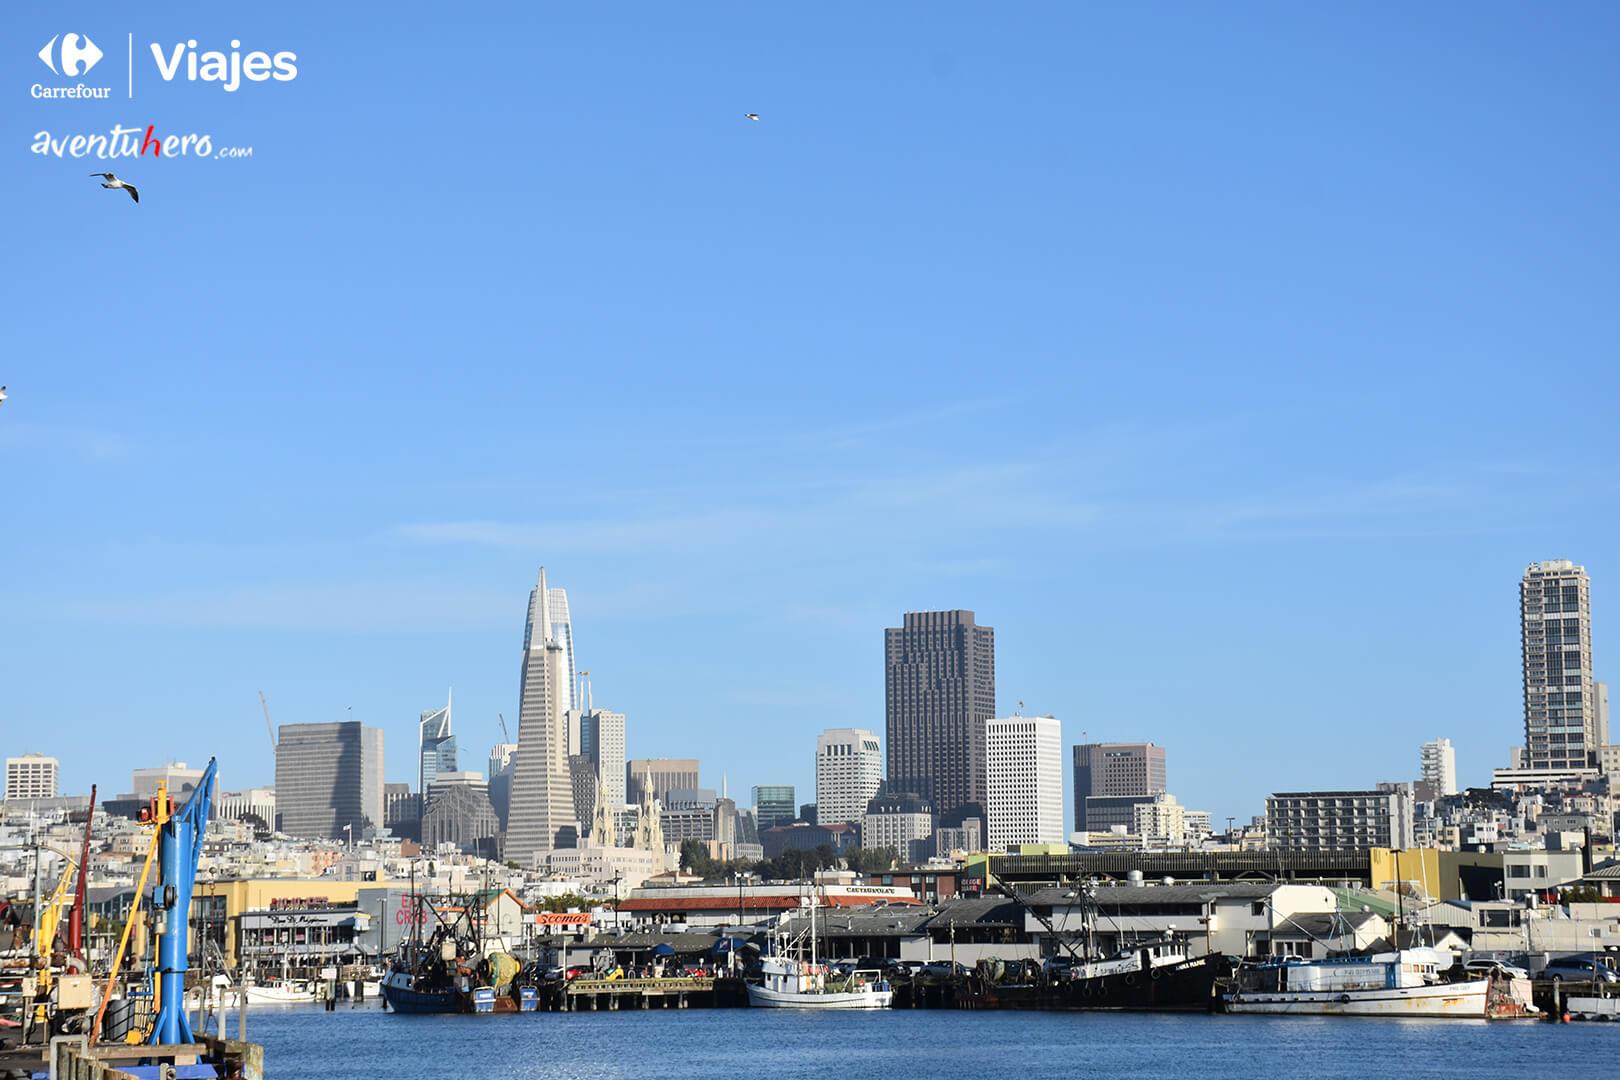 La ciudad de San Francisco desde el puerto